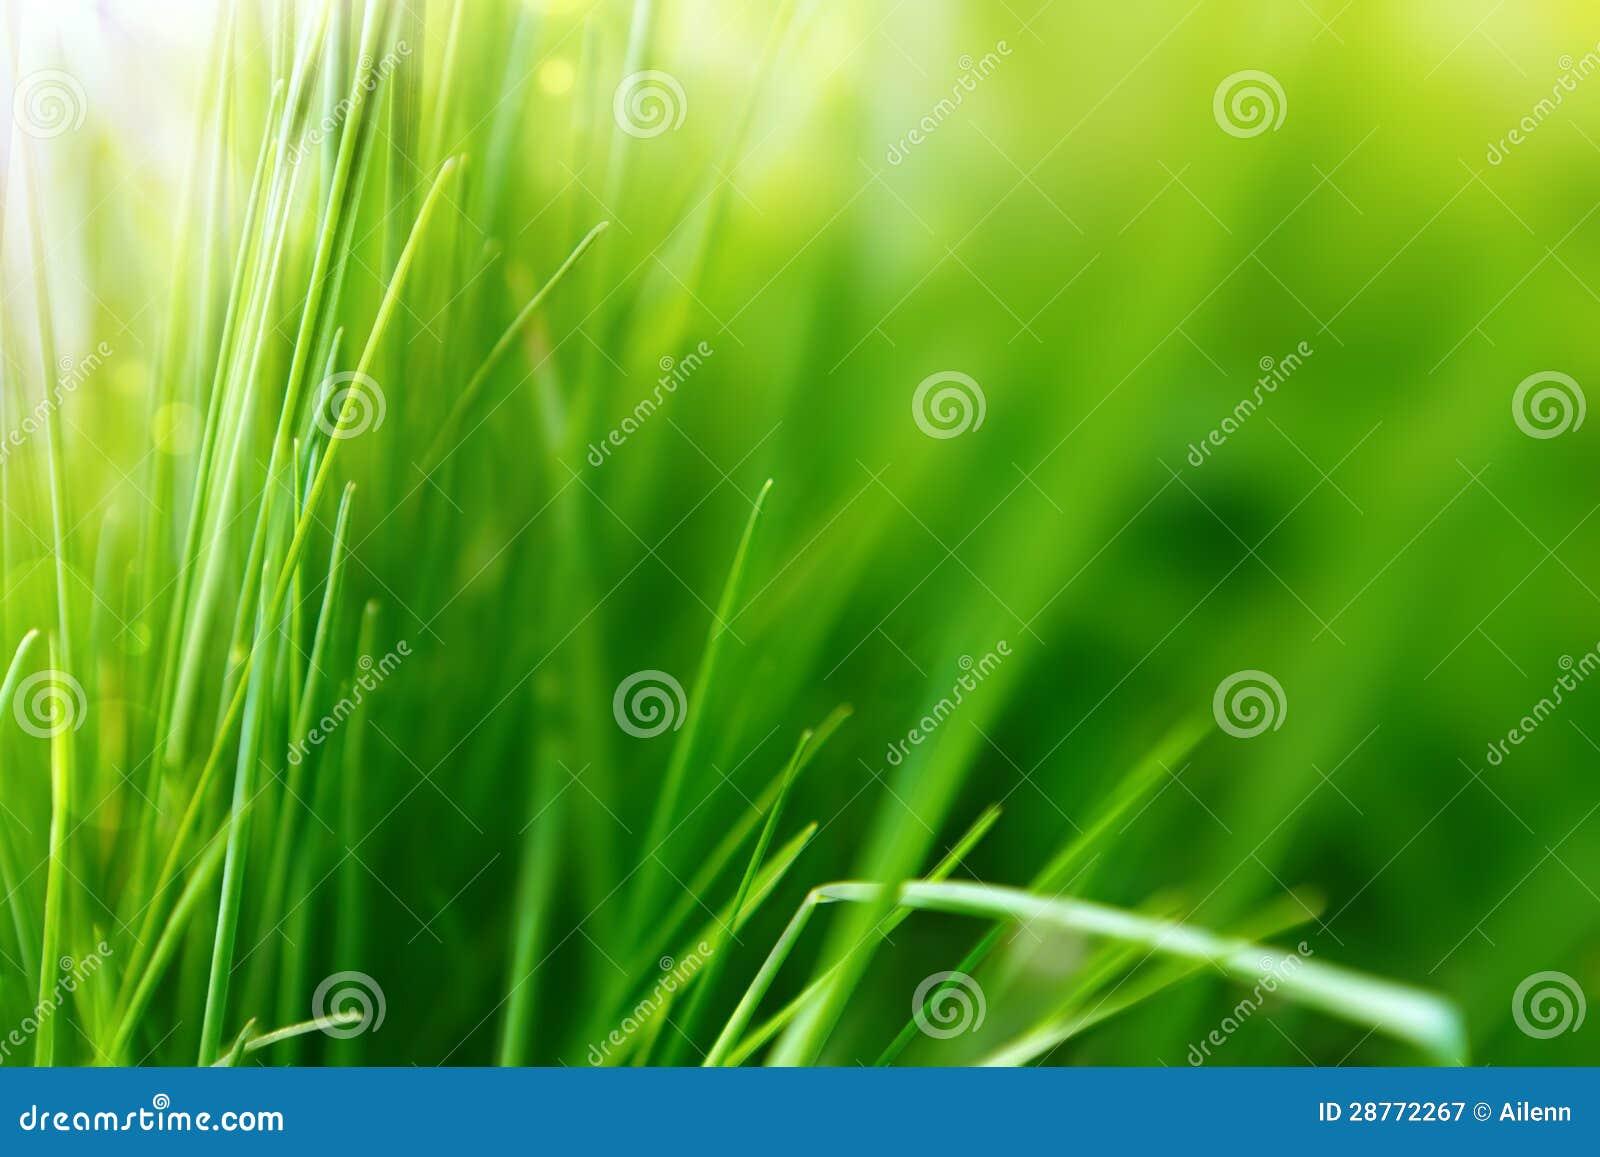 Ανασκόπηση άνοιξης ή καλοκαιριού με την πράσινη χλόη